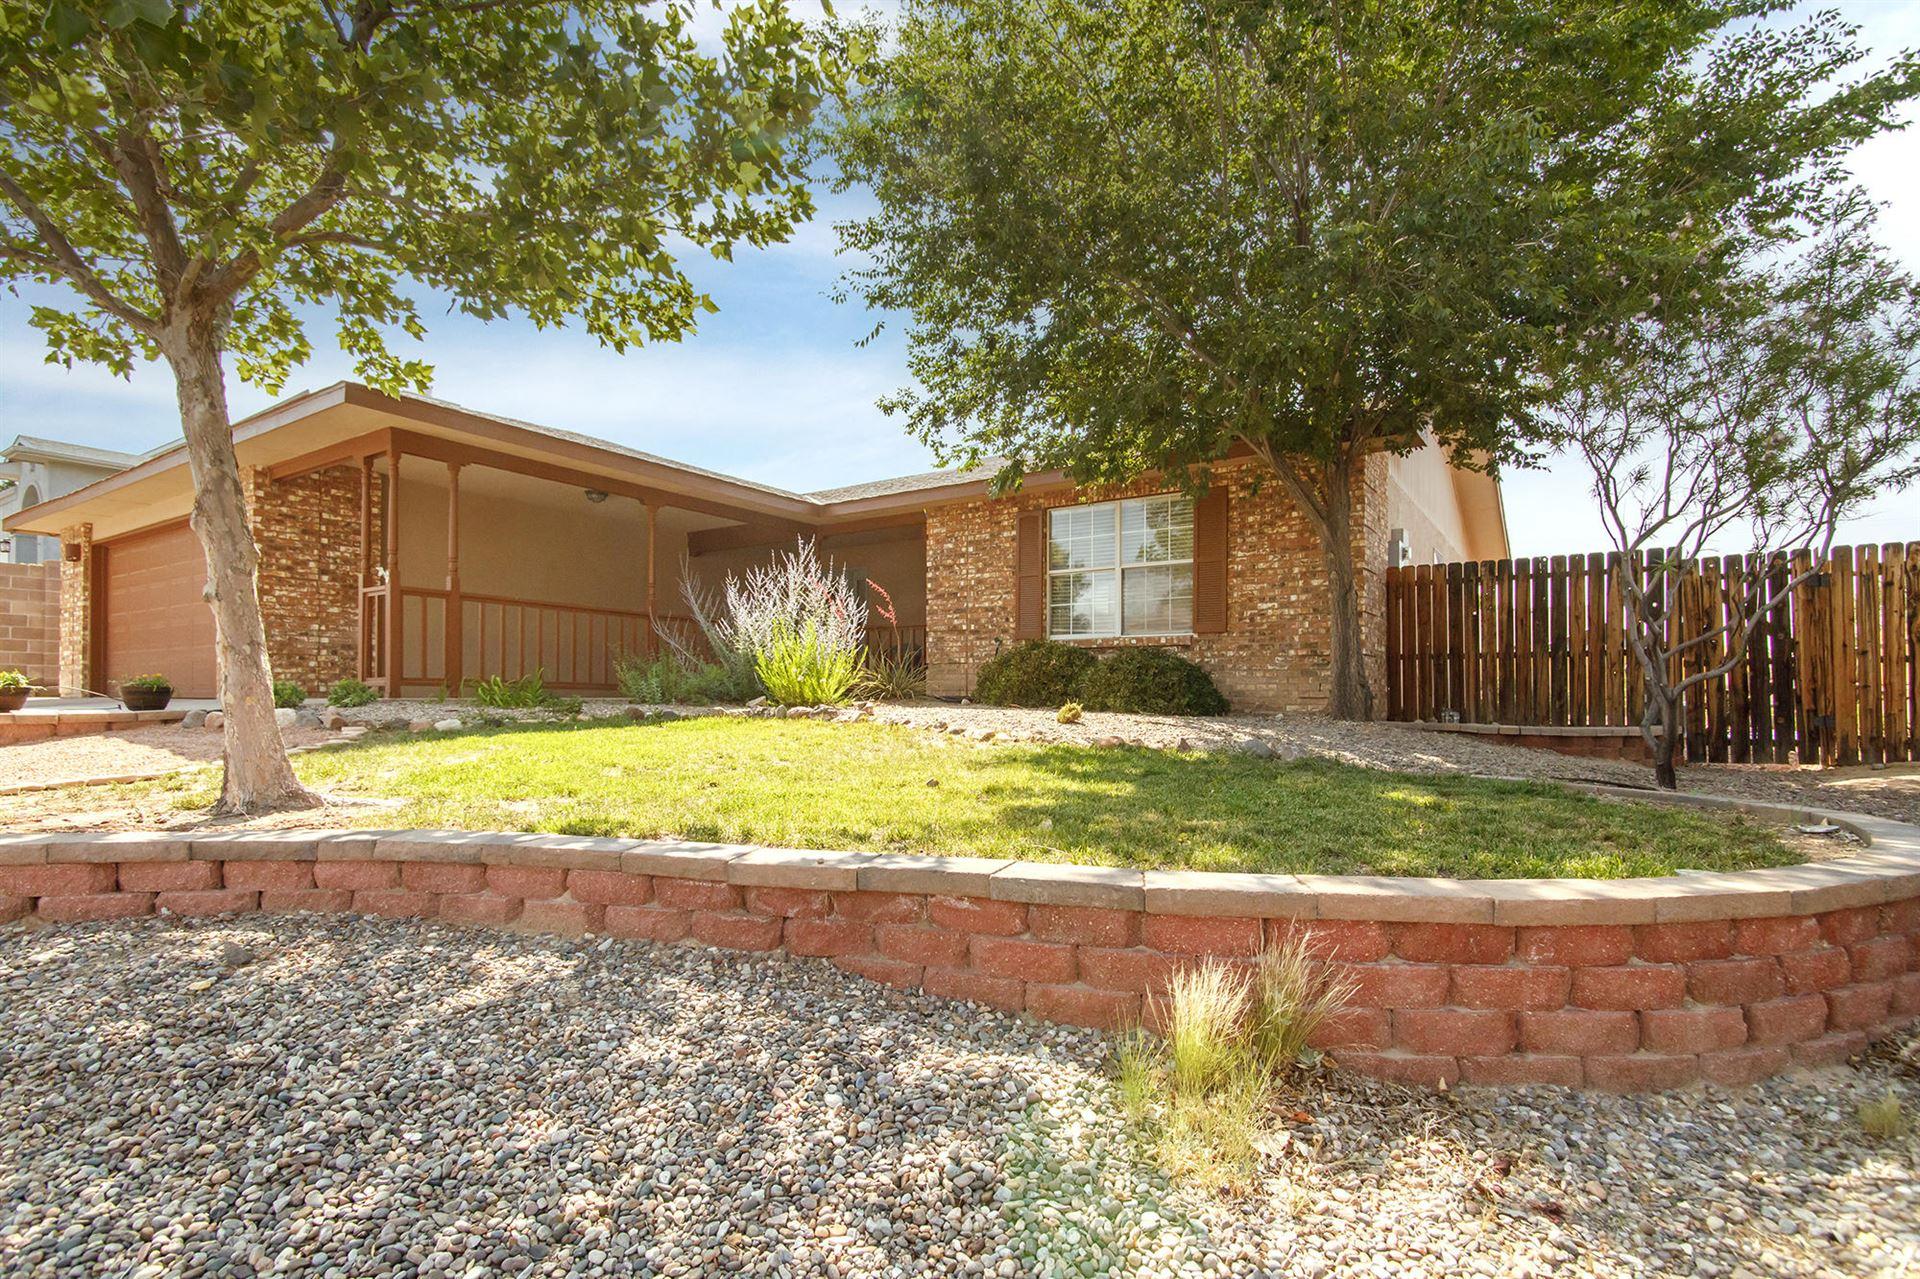 Photo of 53 CASTLE ROCK Road SE, Rio Rancho, NM 87124 (MLS # 994562)